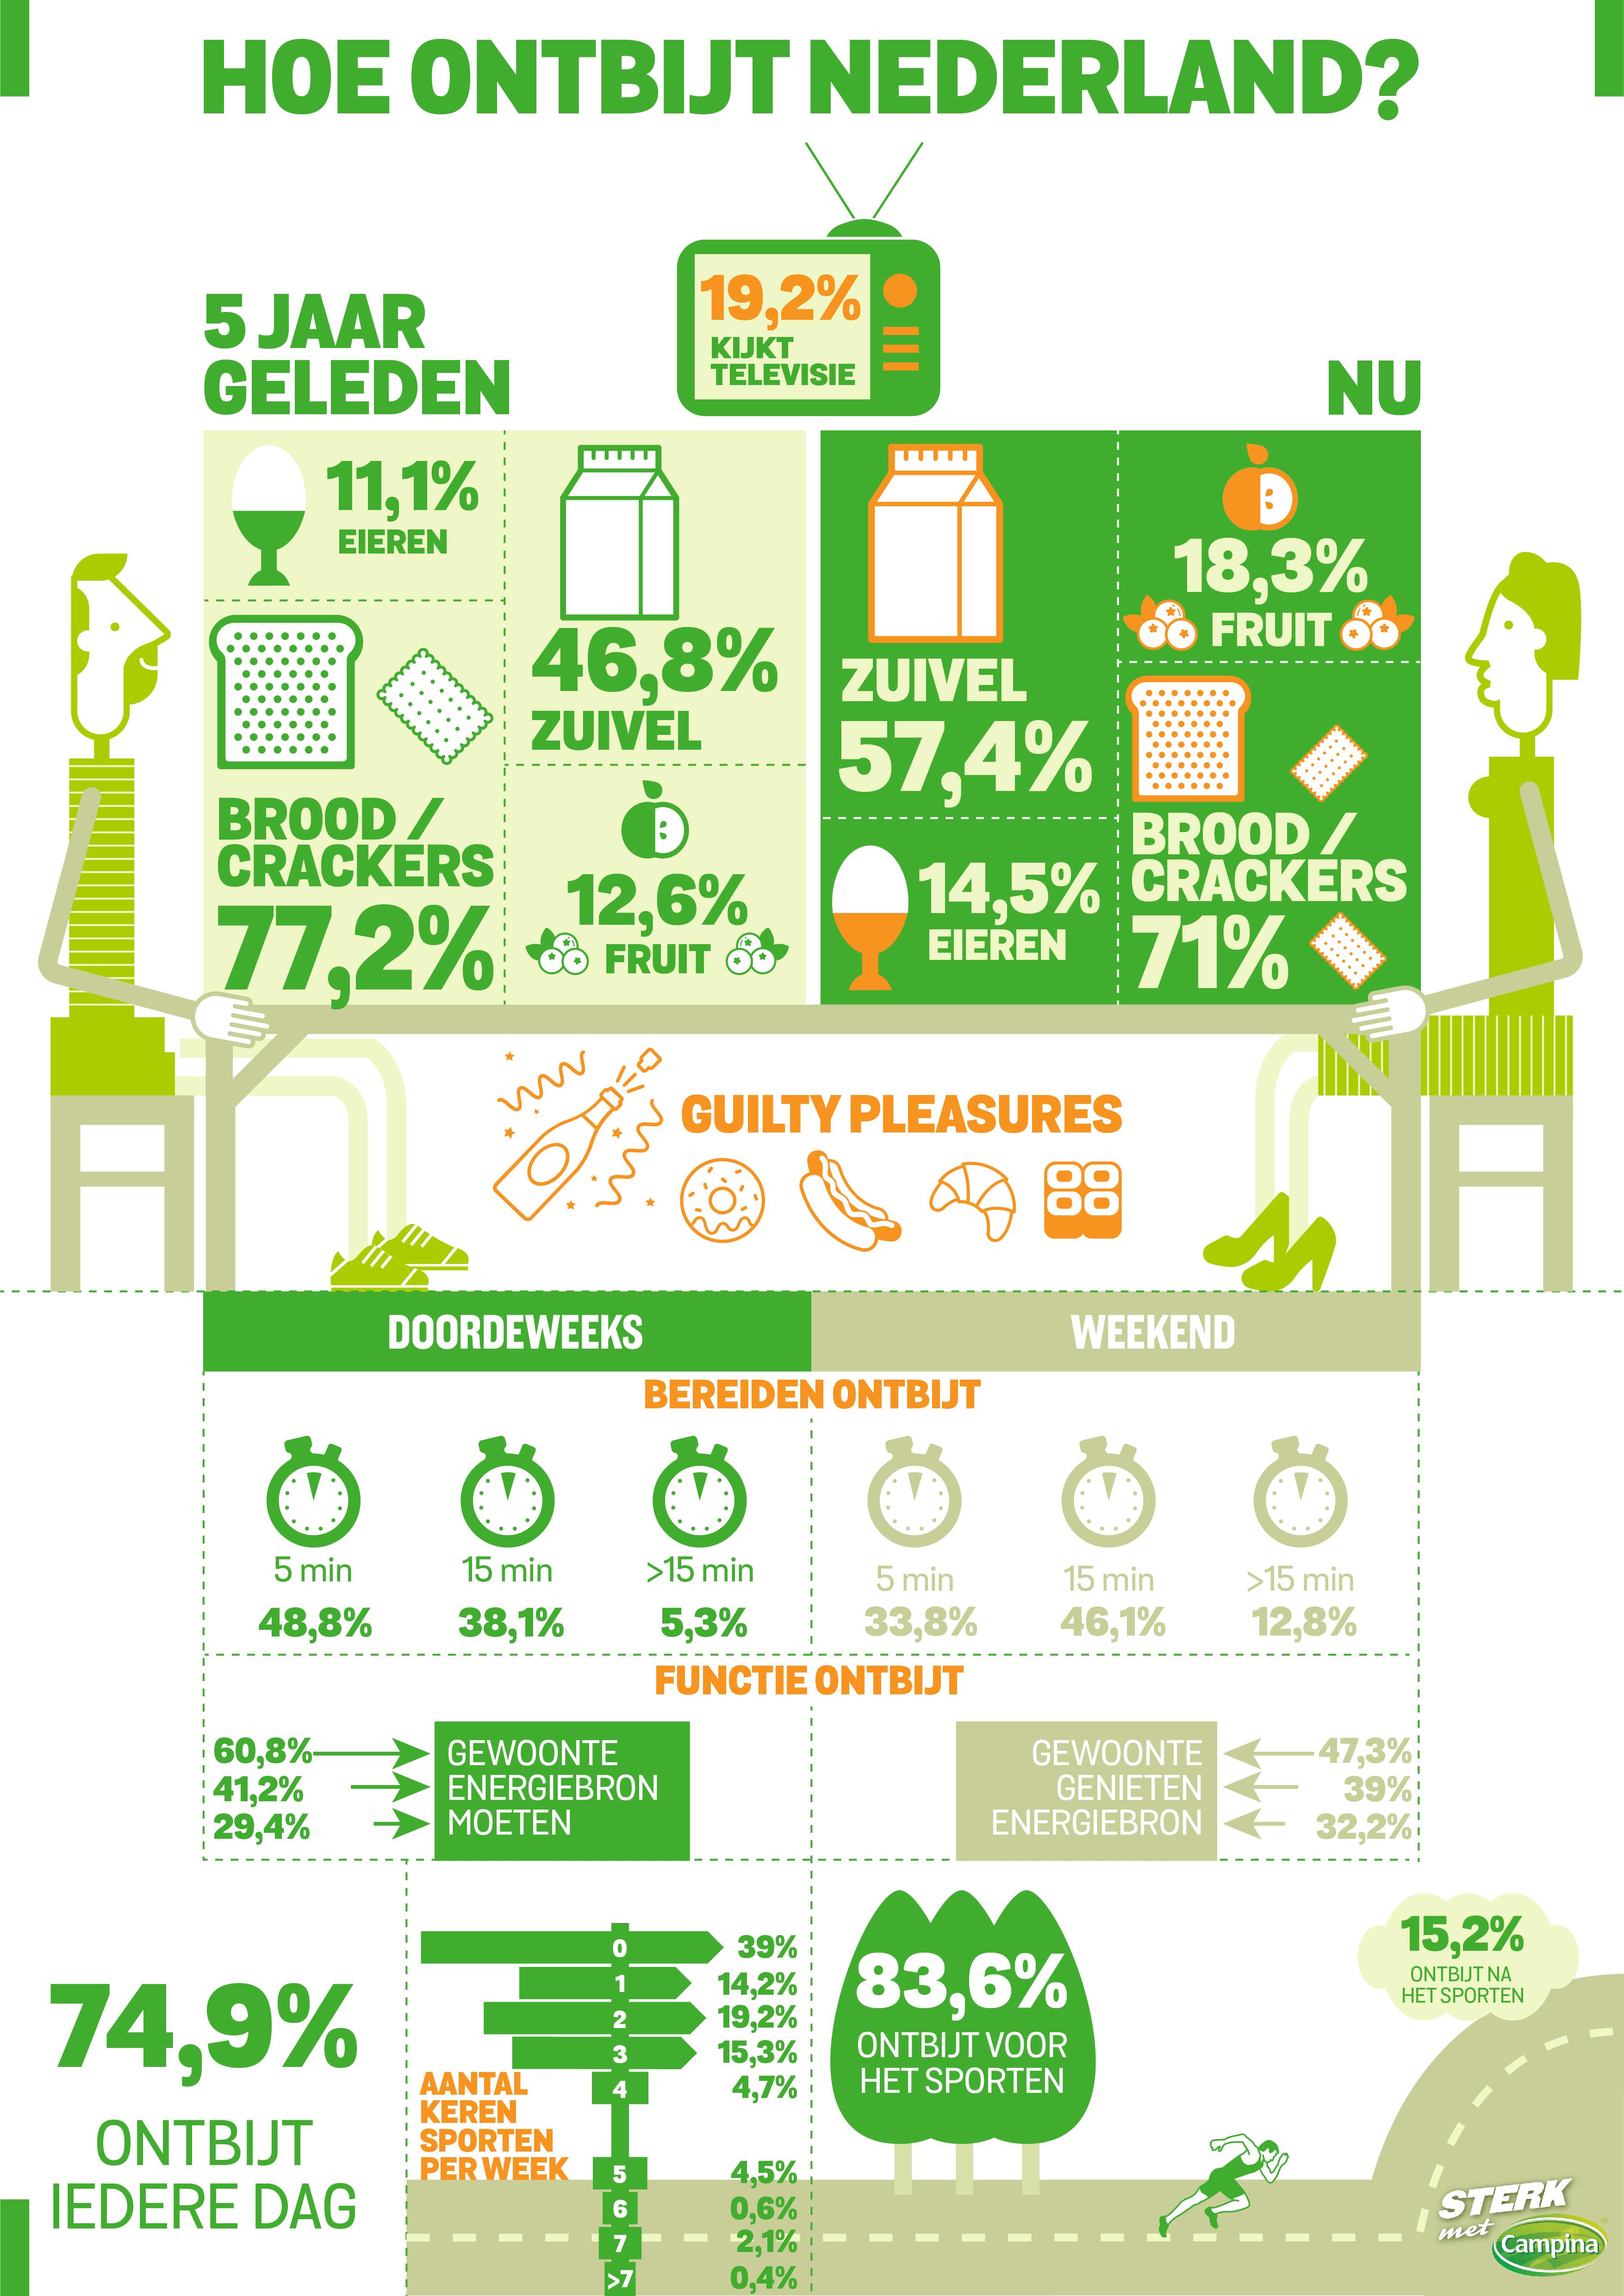 87e6baec77b ... blijkt uit dit onderzoek dat de populariteit afneemt. Ook is gevraagd  naar het ultieme guilty pleasure ontbijt, met als opvallende keuzes onder  andere ...